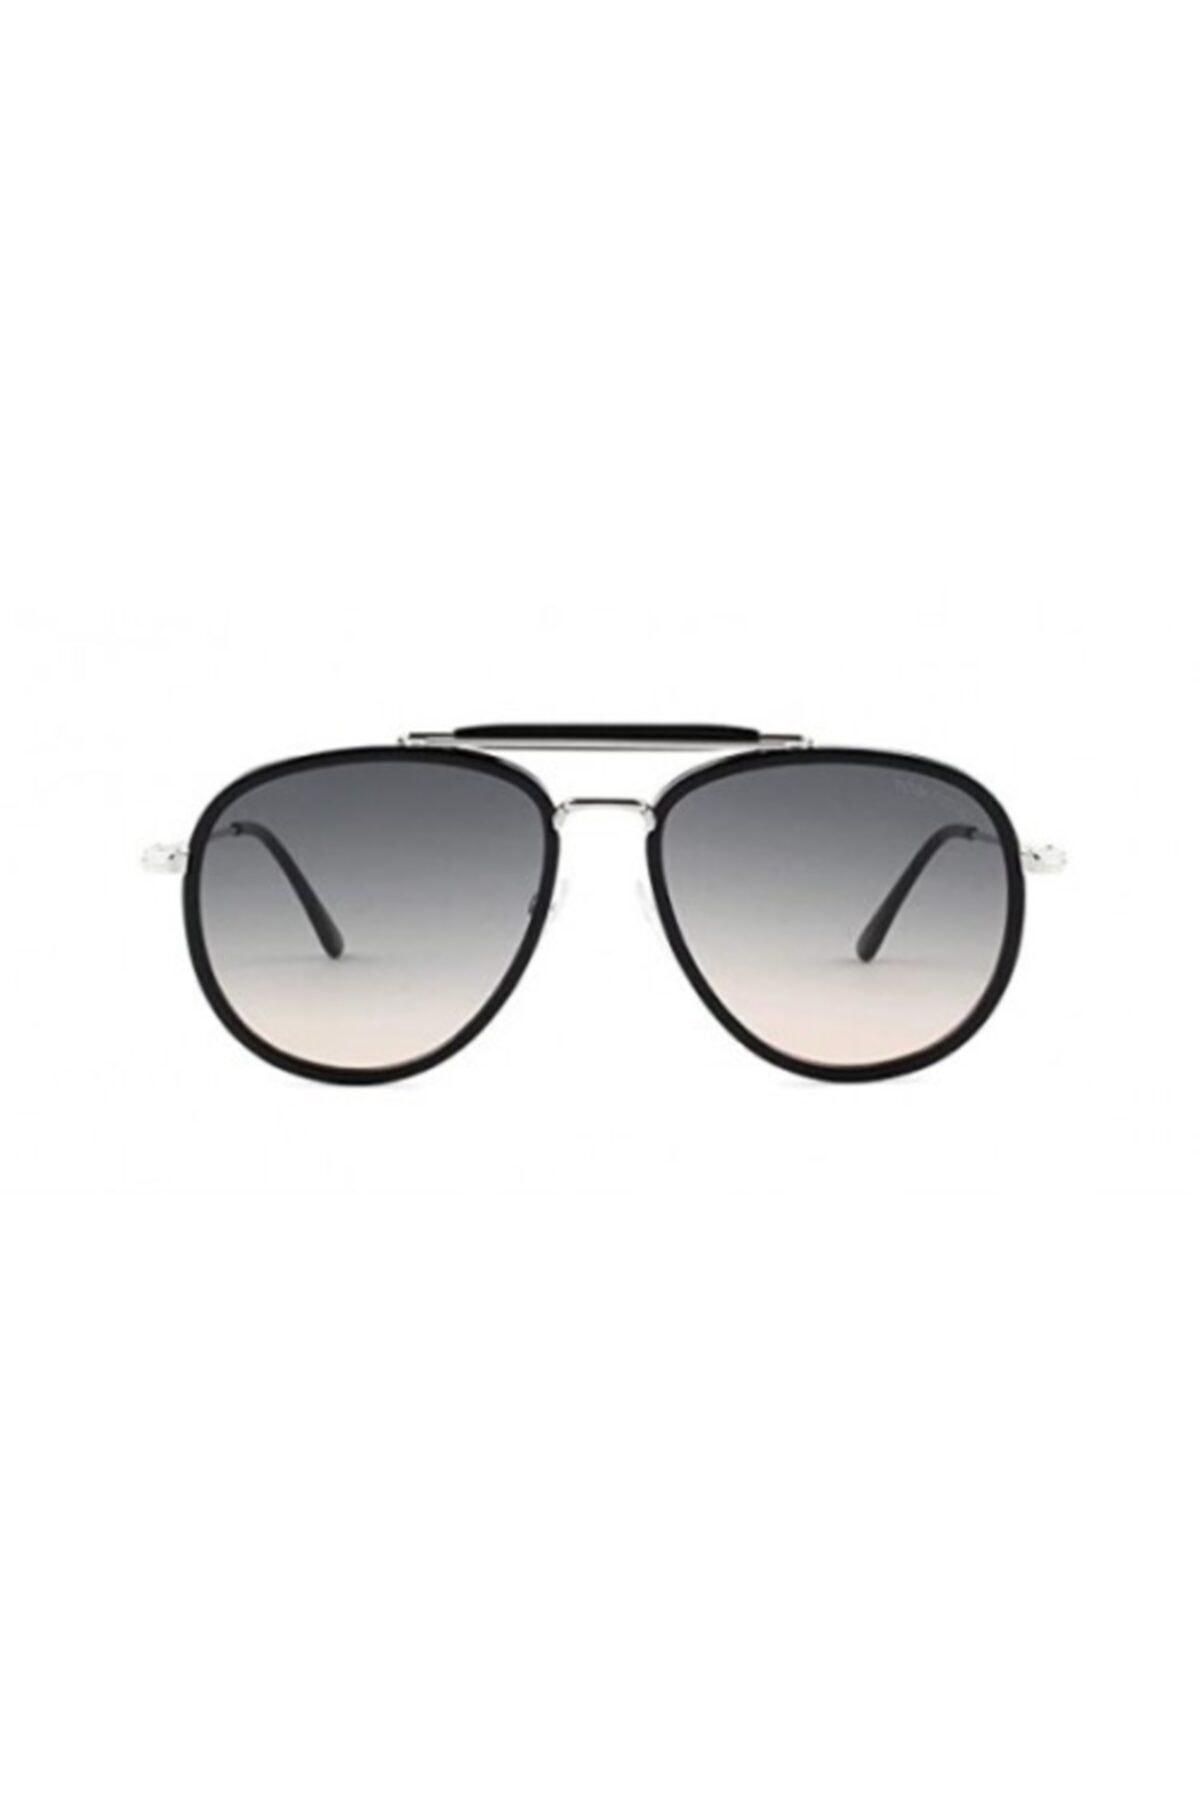 خرید اینترنتی عینک آفتابی خاص برند Tom Ford رنگ متالیک کد ty54736671